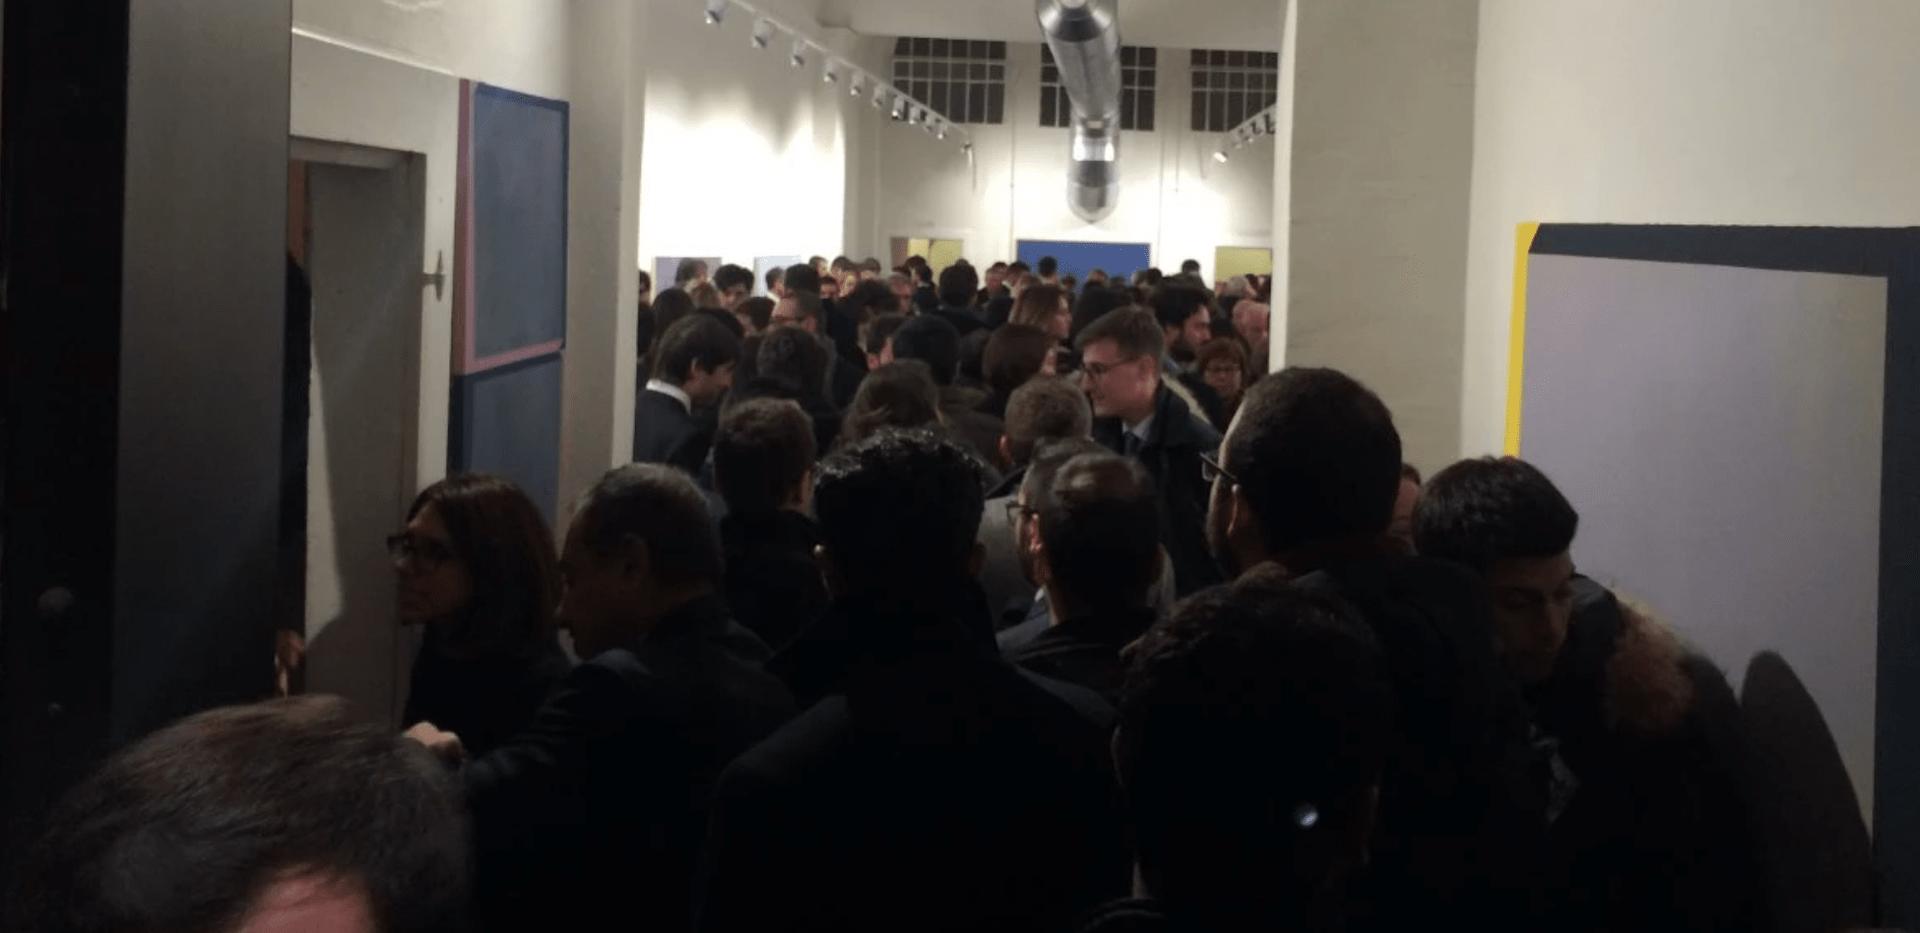 carlo battaglia labs gallery 5.png